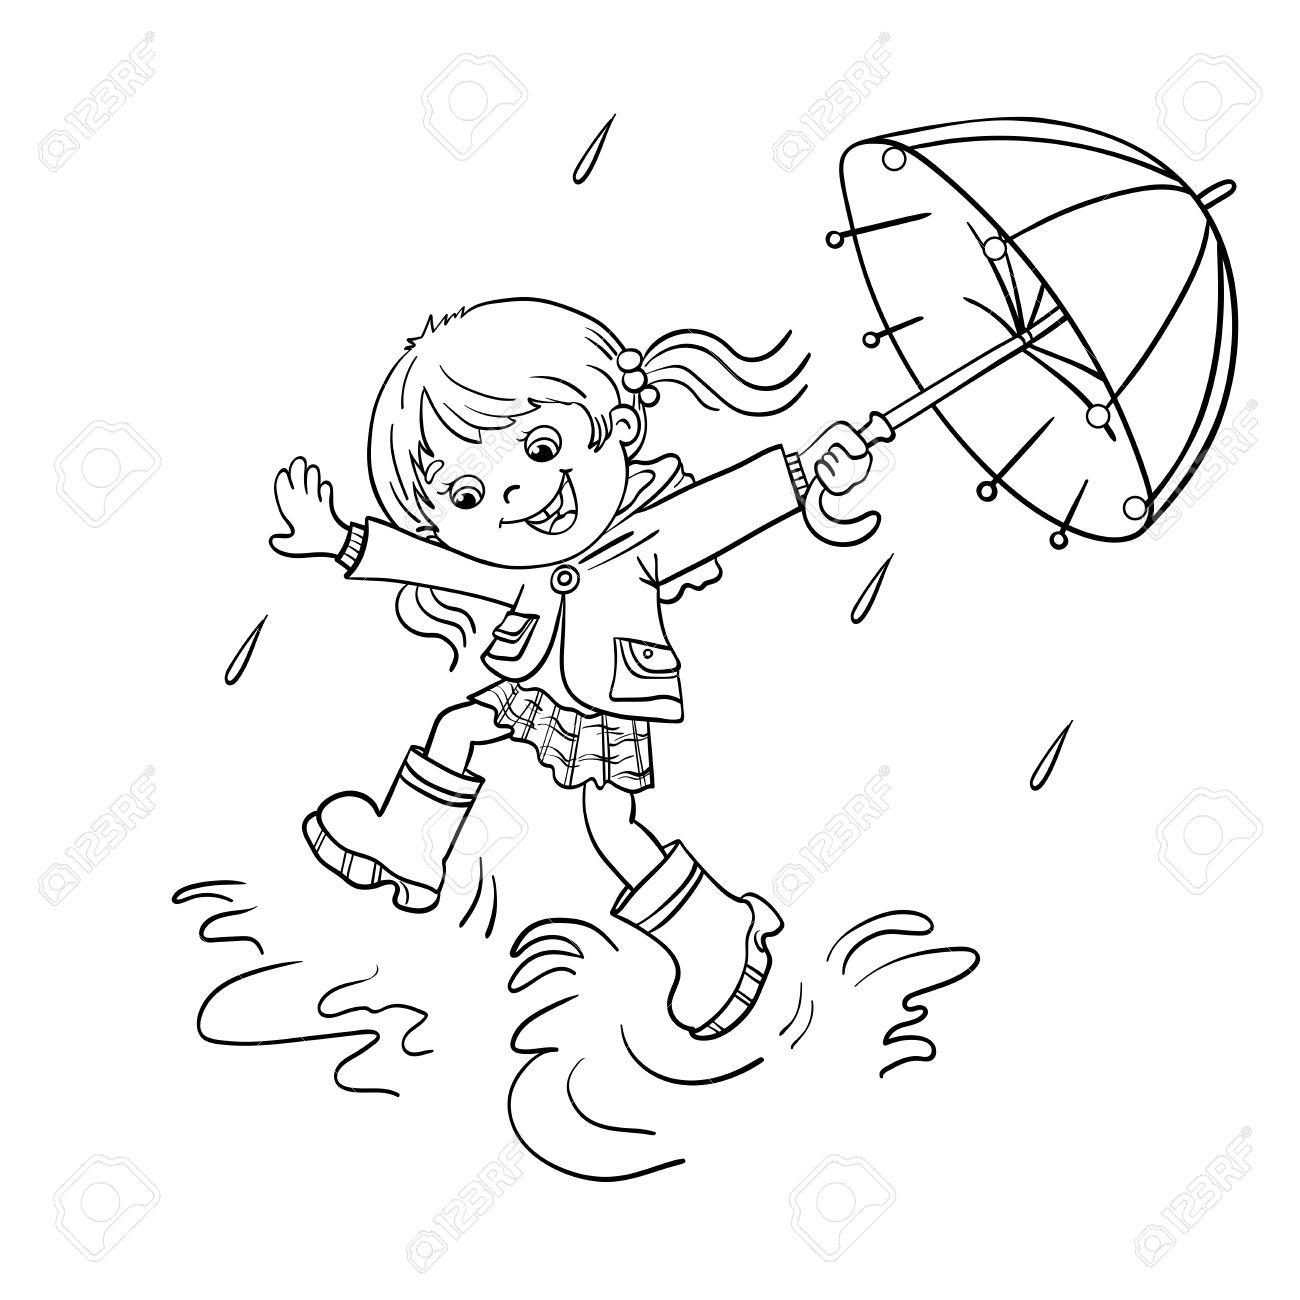 Coloriage contour d une fille joyeuse bande dessinée sautant sous la pluie avec un parapluie